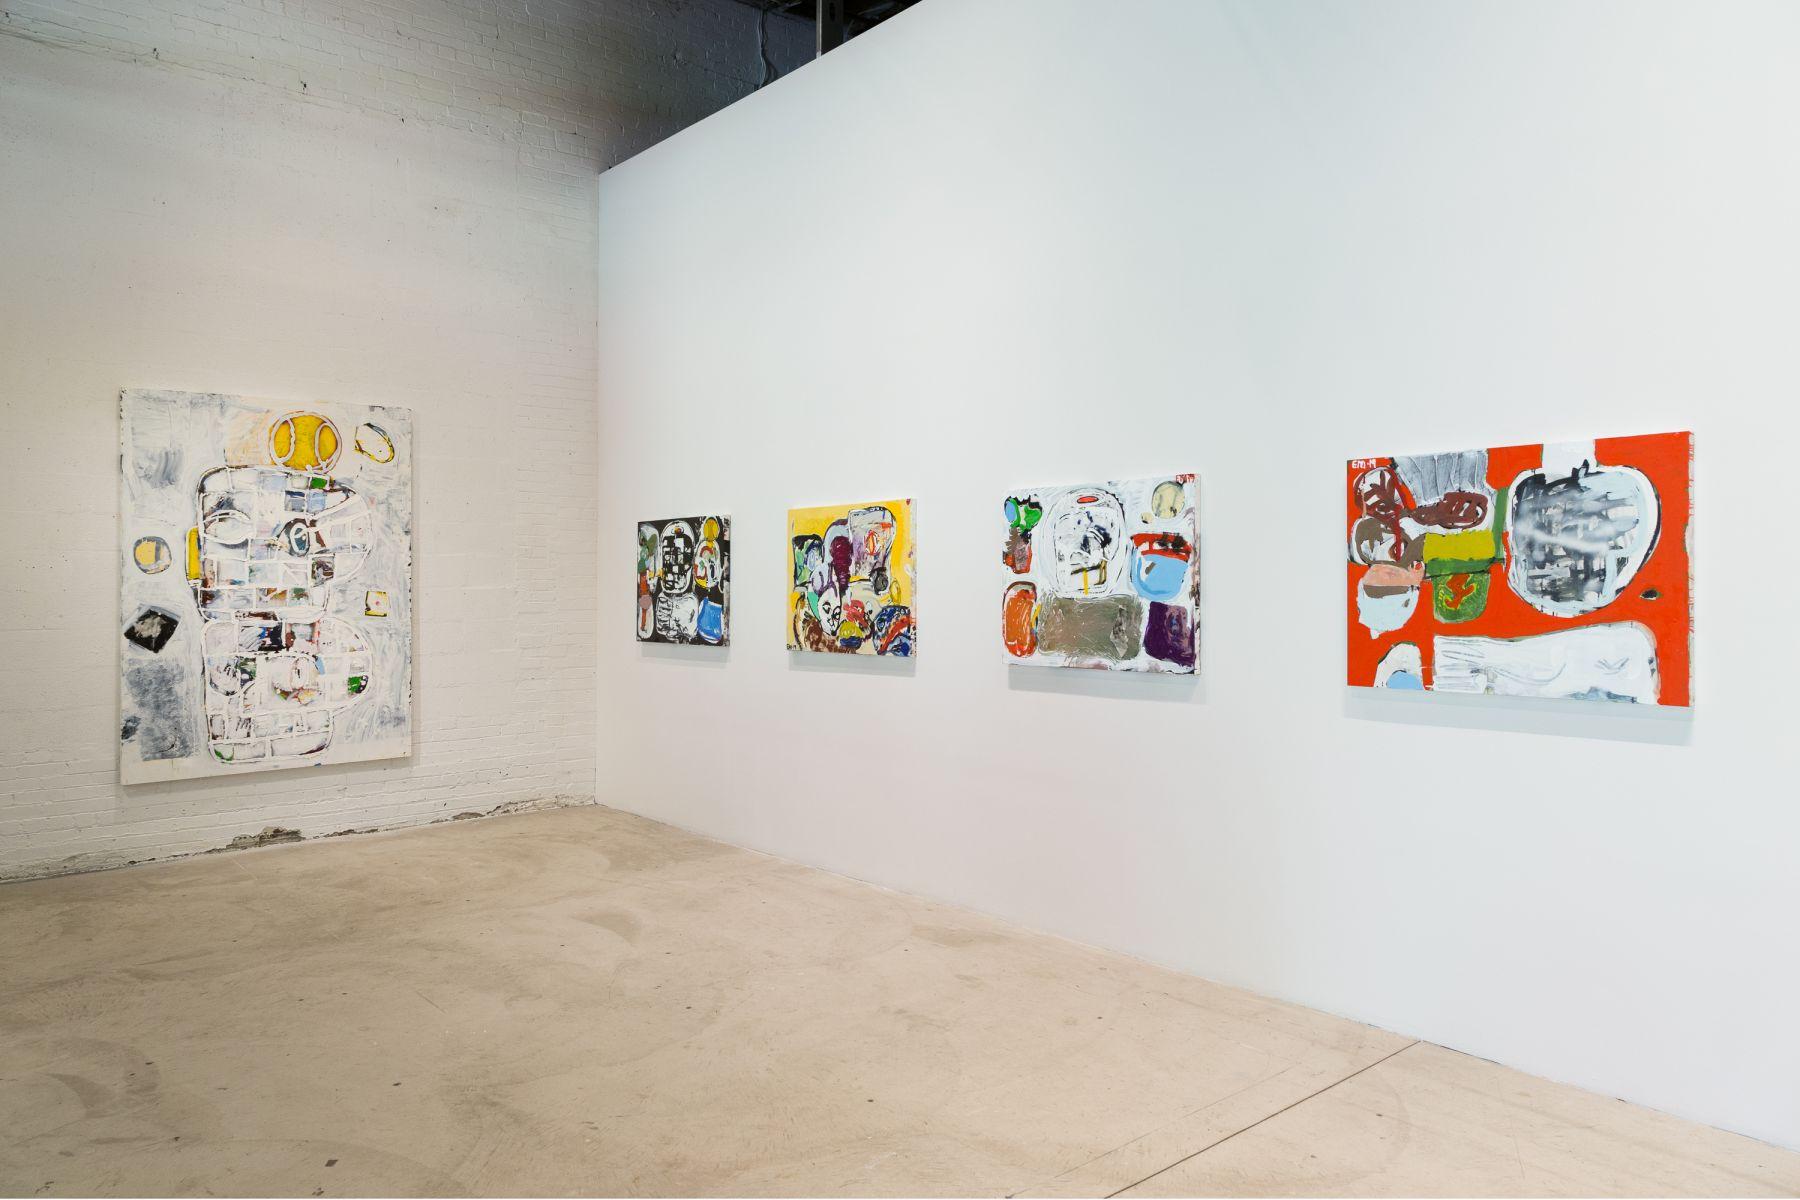 EDDIE MARTINEZ Installation view ofFast Eddieat the Museum of Contemporary Art Detroit, Detroit, MI, 2019